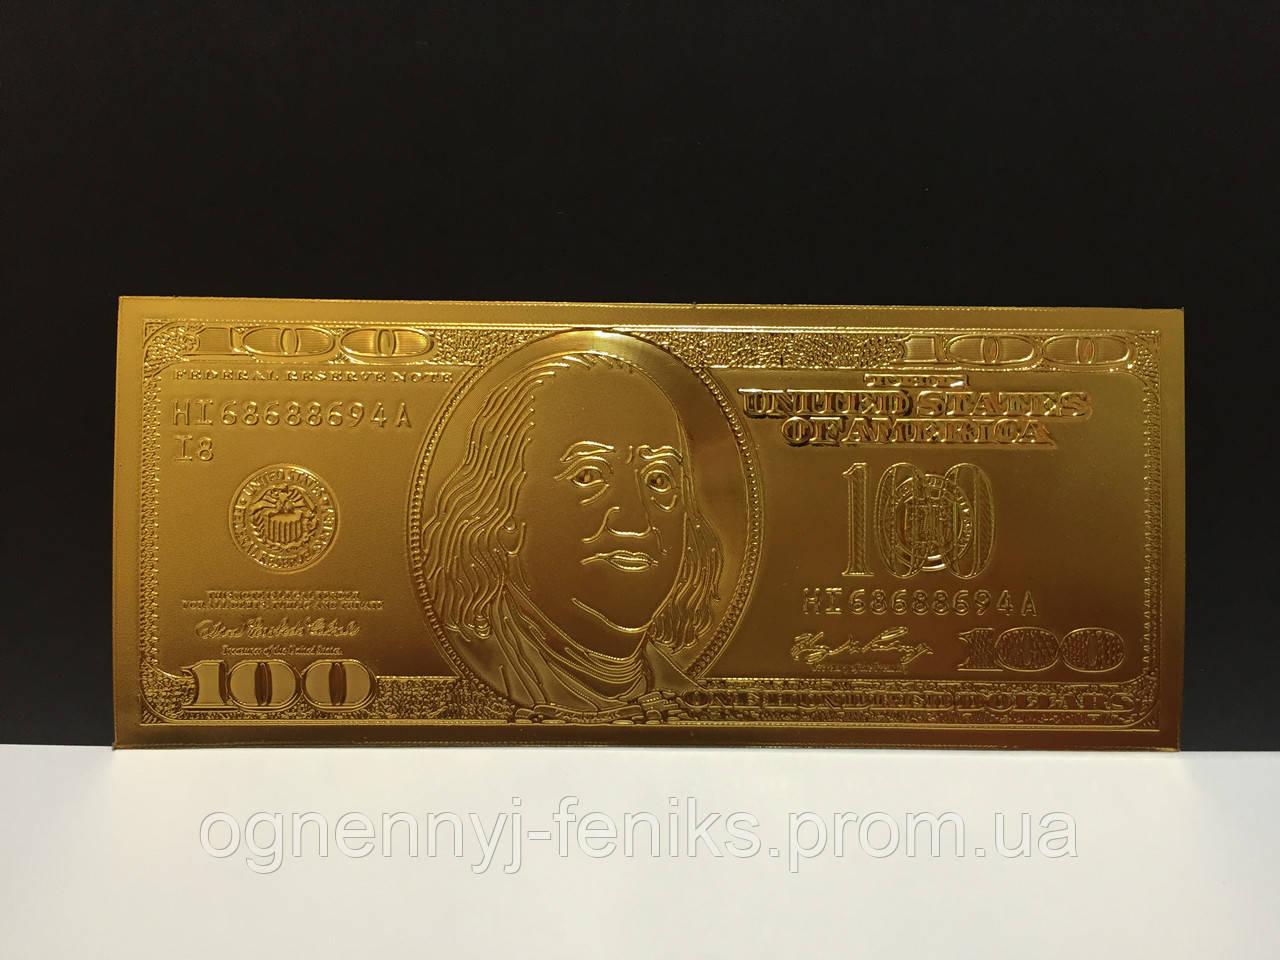 Денежная талисман 100 $ в кошелёк для привлечения и приумножения материального благополучия - Огненный Феникс в Одессе